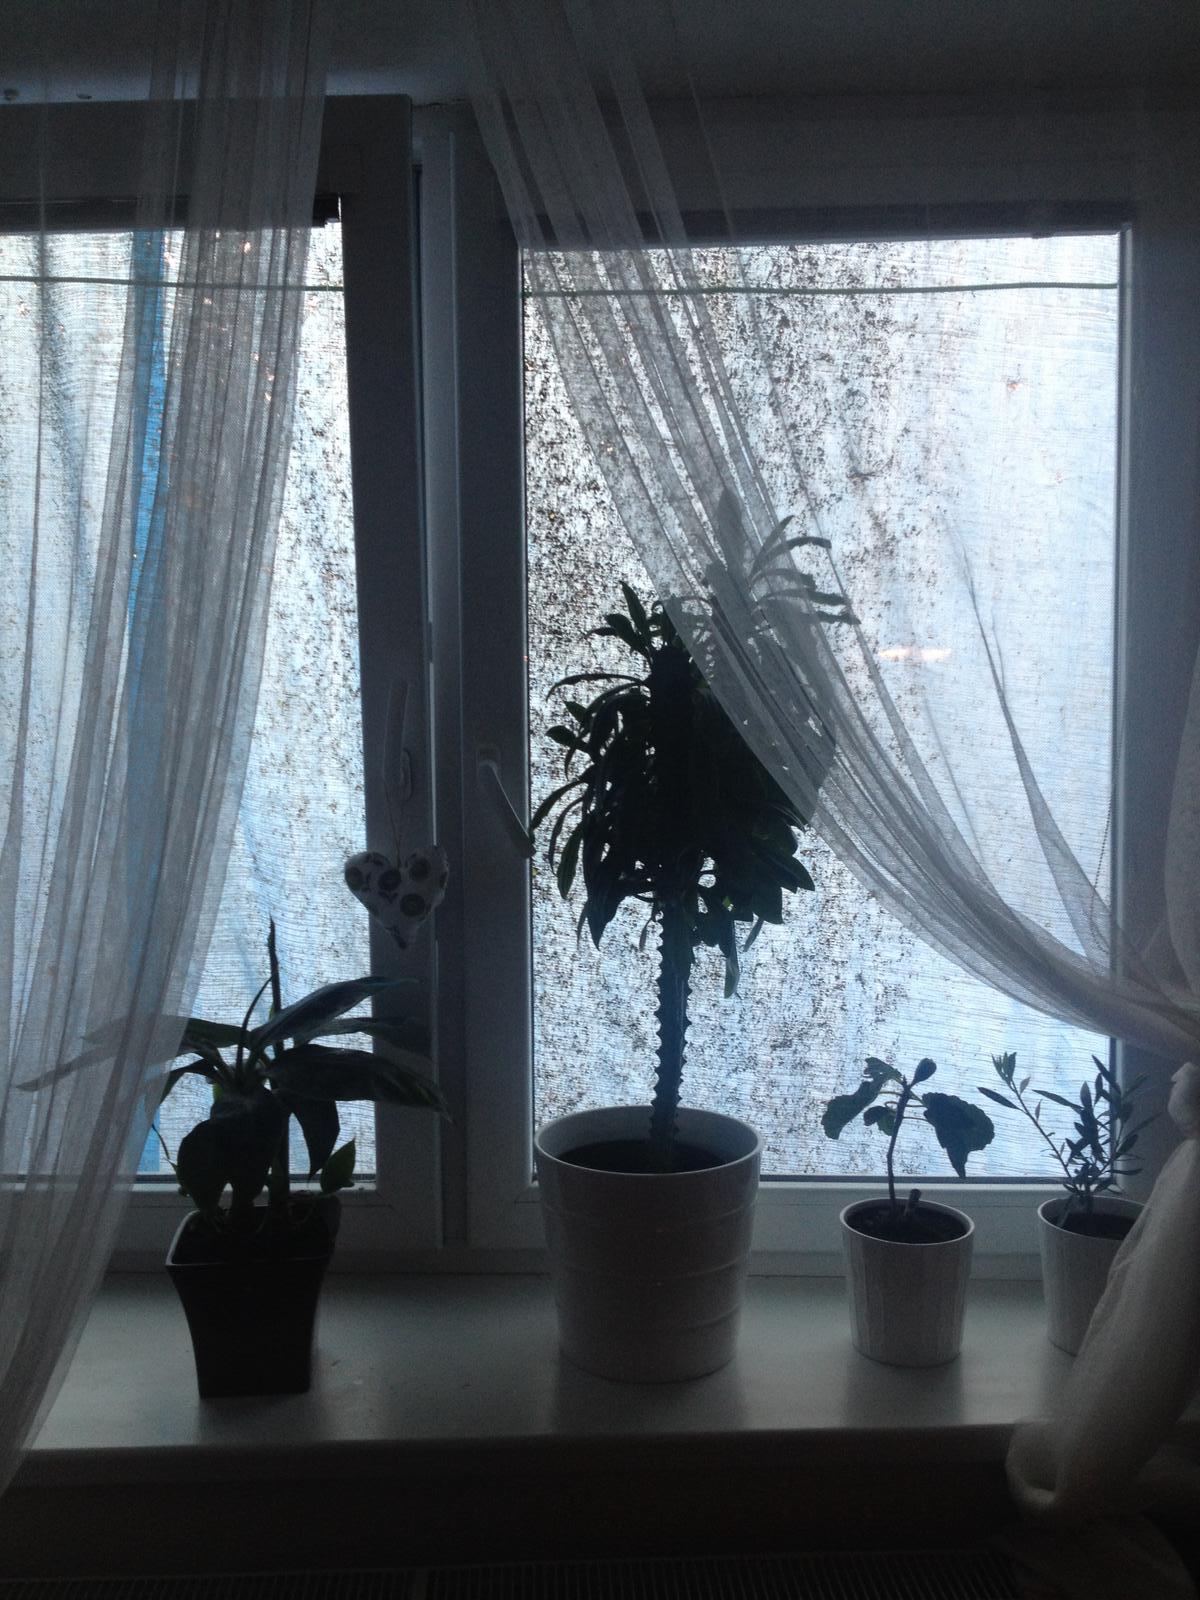 Štrúdľa po liptácky - moja docasna dekoracia za oknom 😛